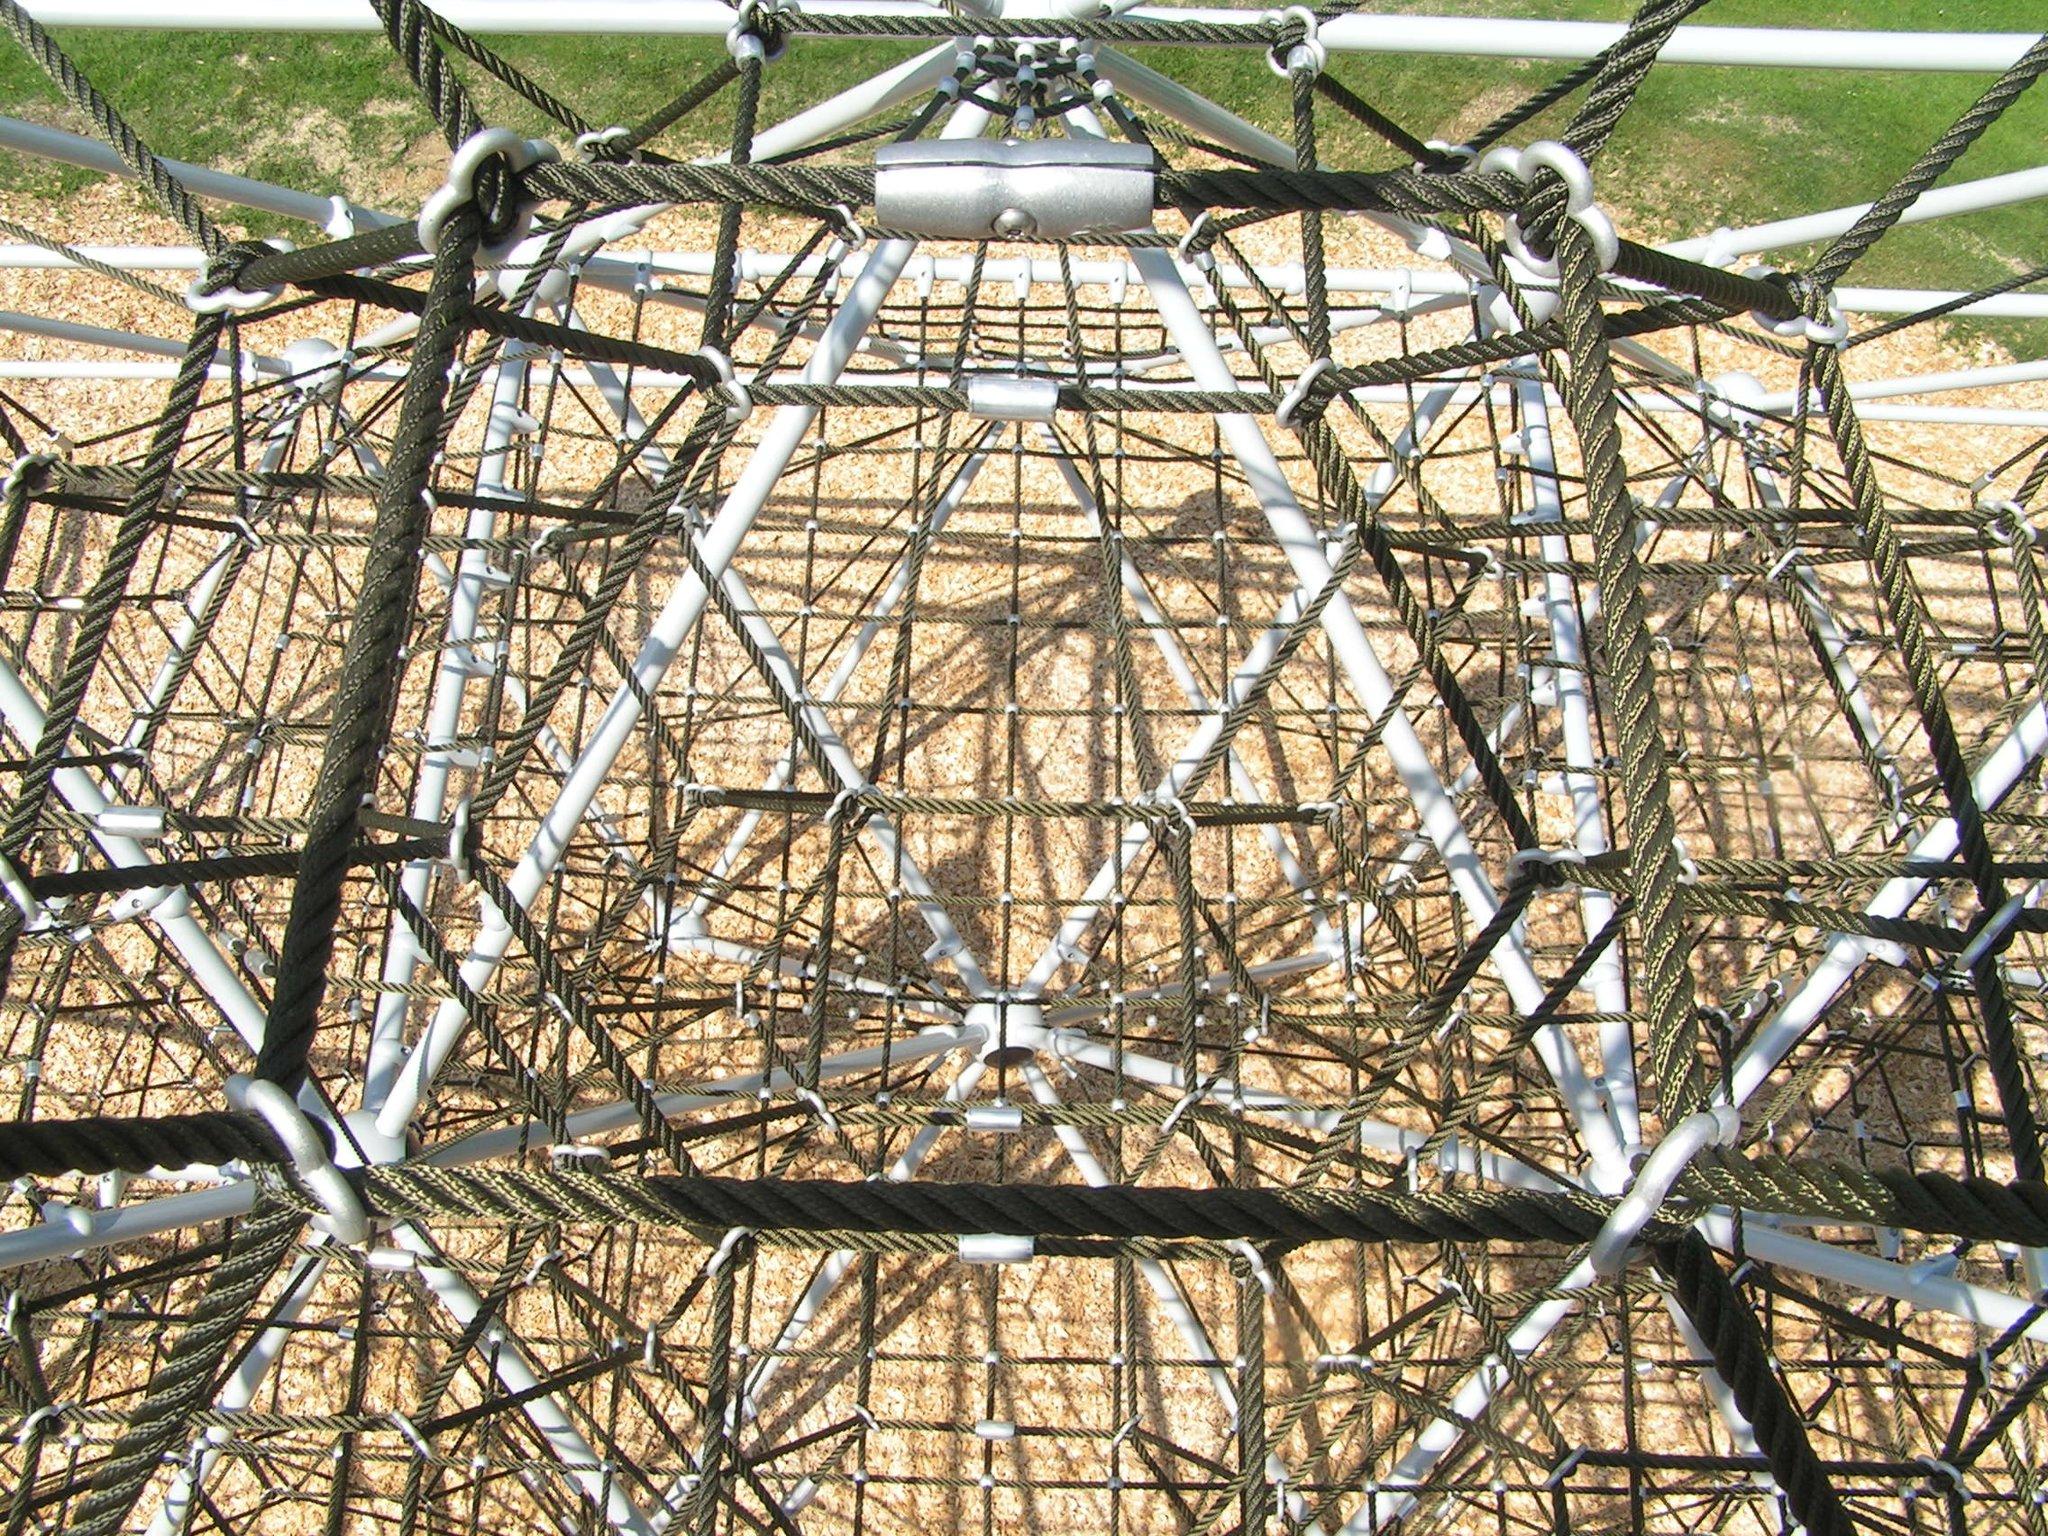 Klettergerüst Schlosspark Herten : Einweihung des klettergerüstes im hertener schlossparku201c herten